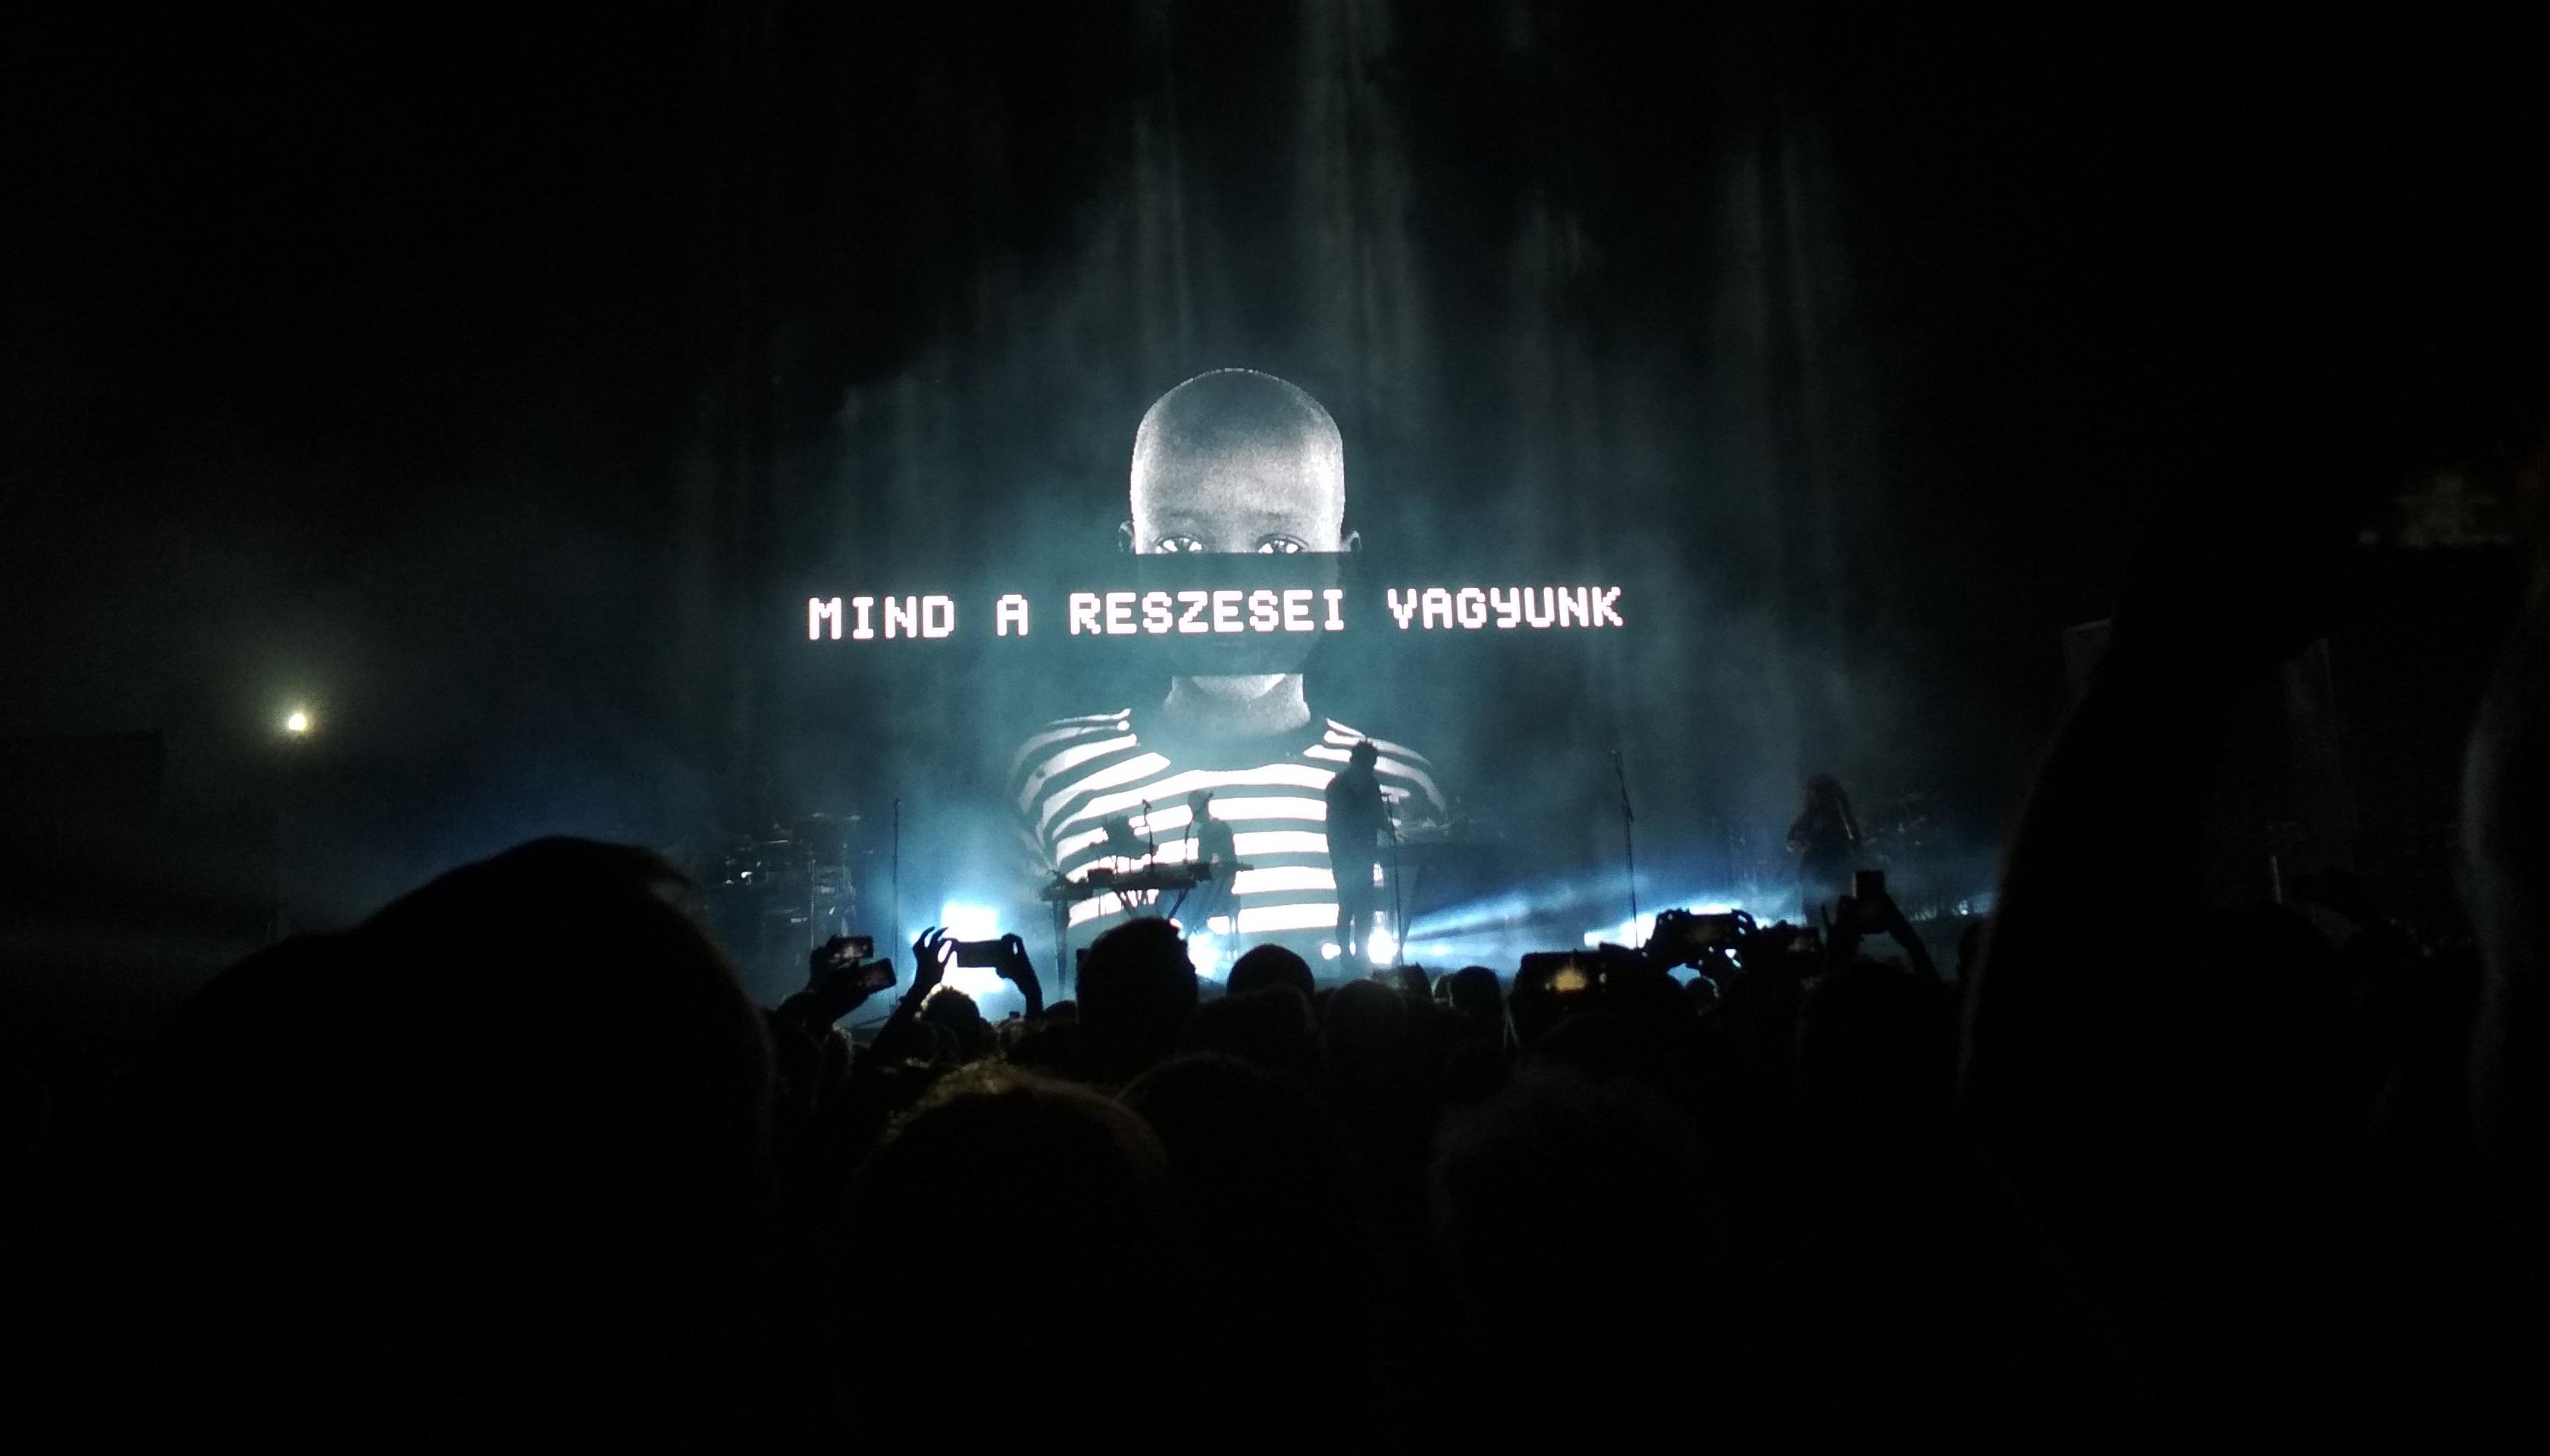 21:18 - elkezdődött a Massive Attack